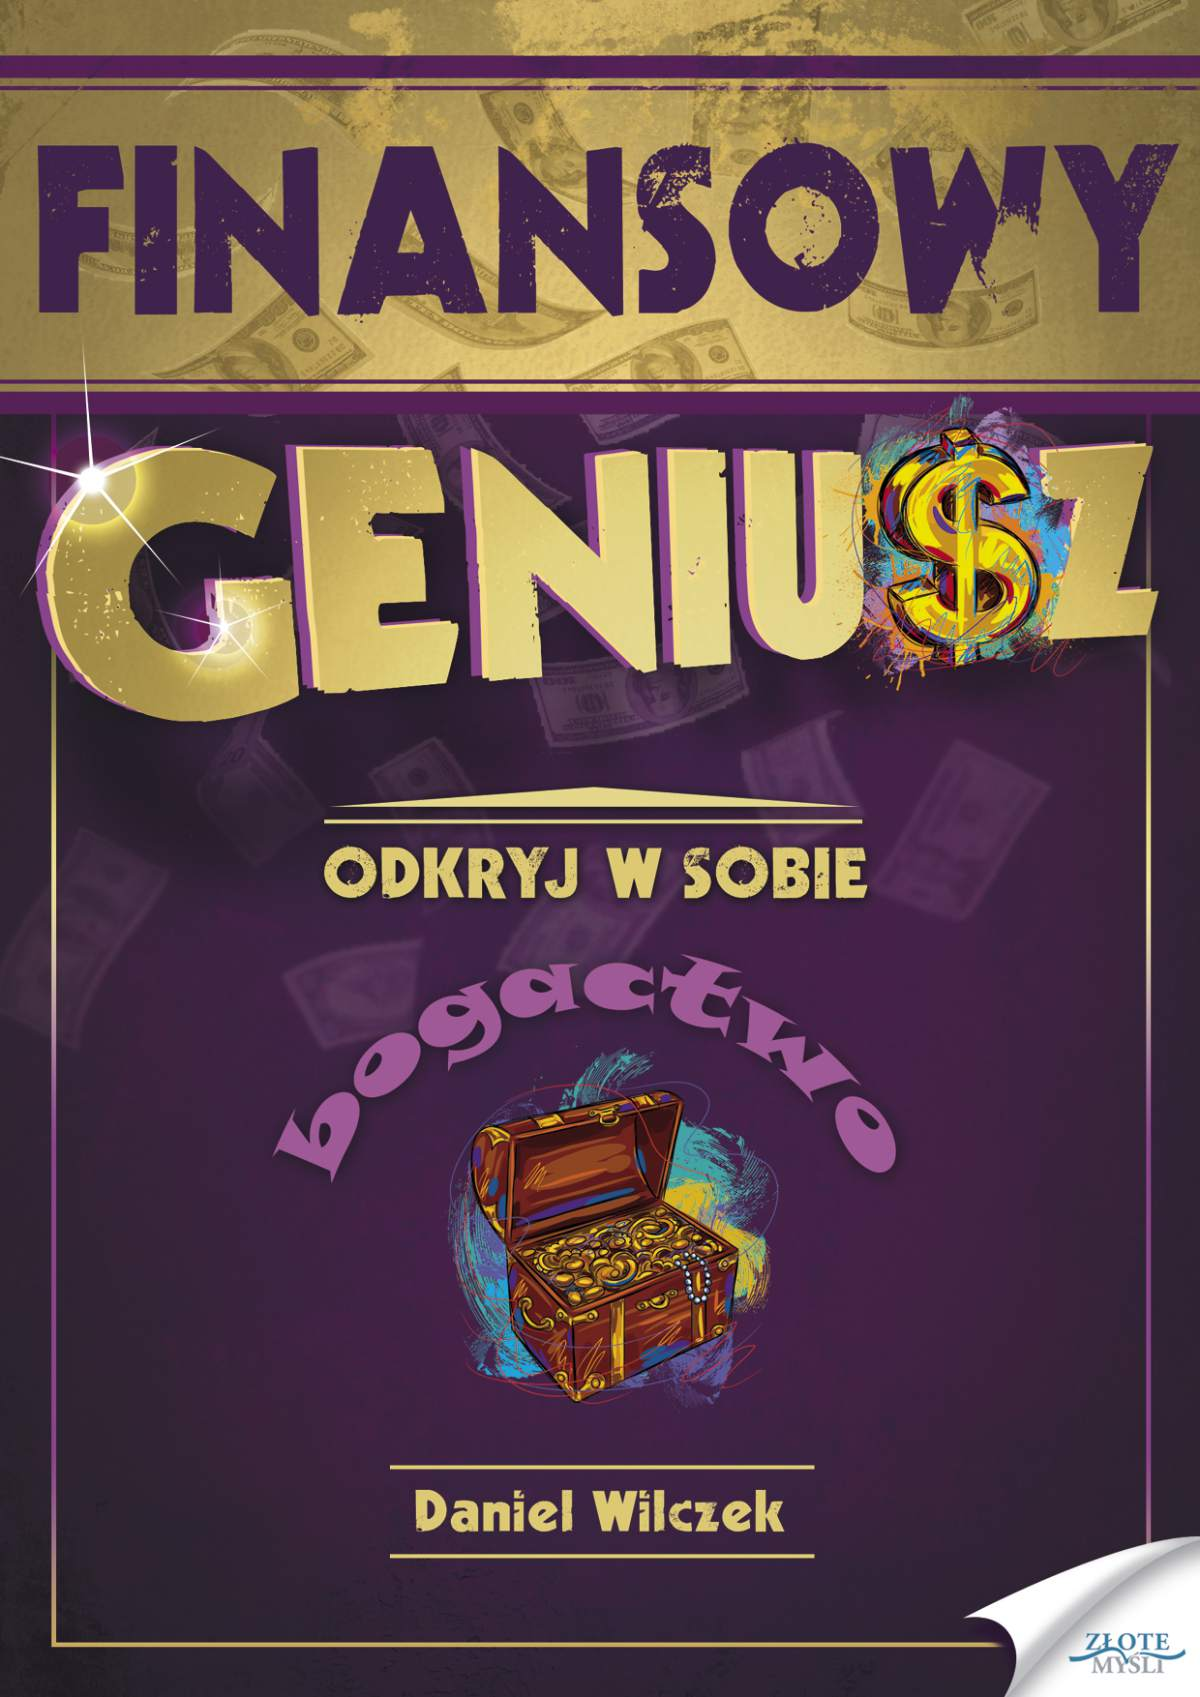 Finansowy Geniusz - Ebook (Książka PDF) do pobrania w formacie PDF